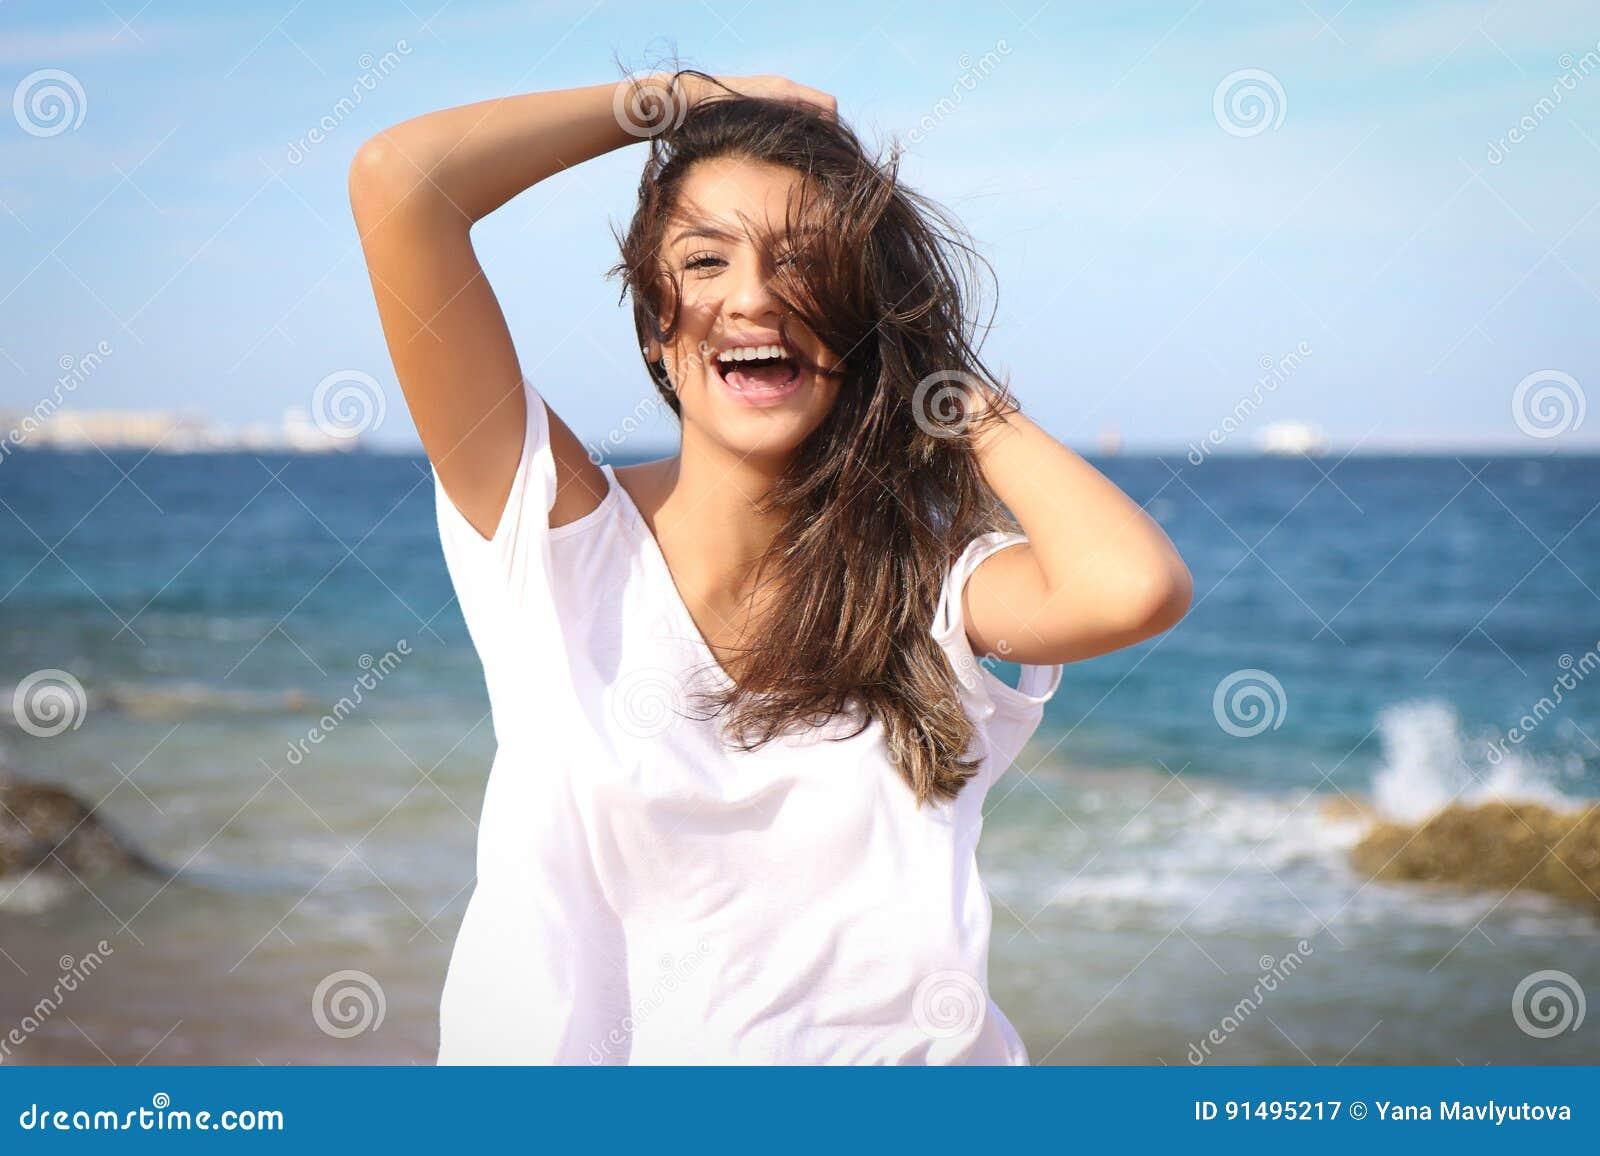 Beau portrait de visage de jeune fille, cheveux bruns et sourire gentil, regard de mannequin